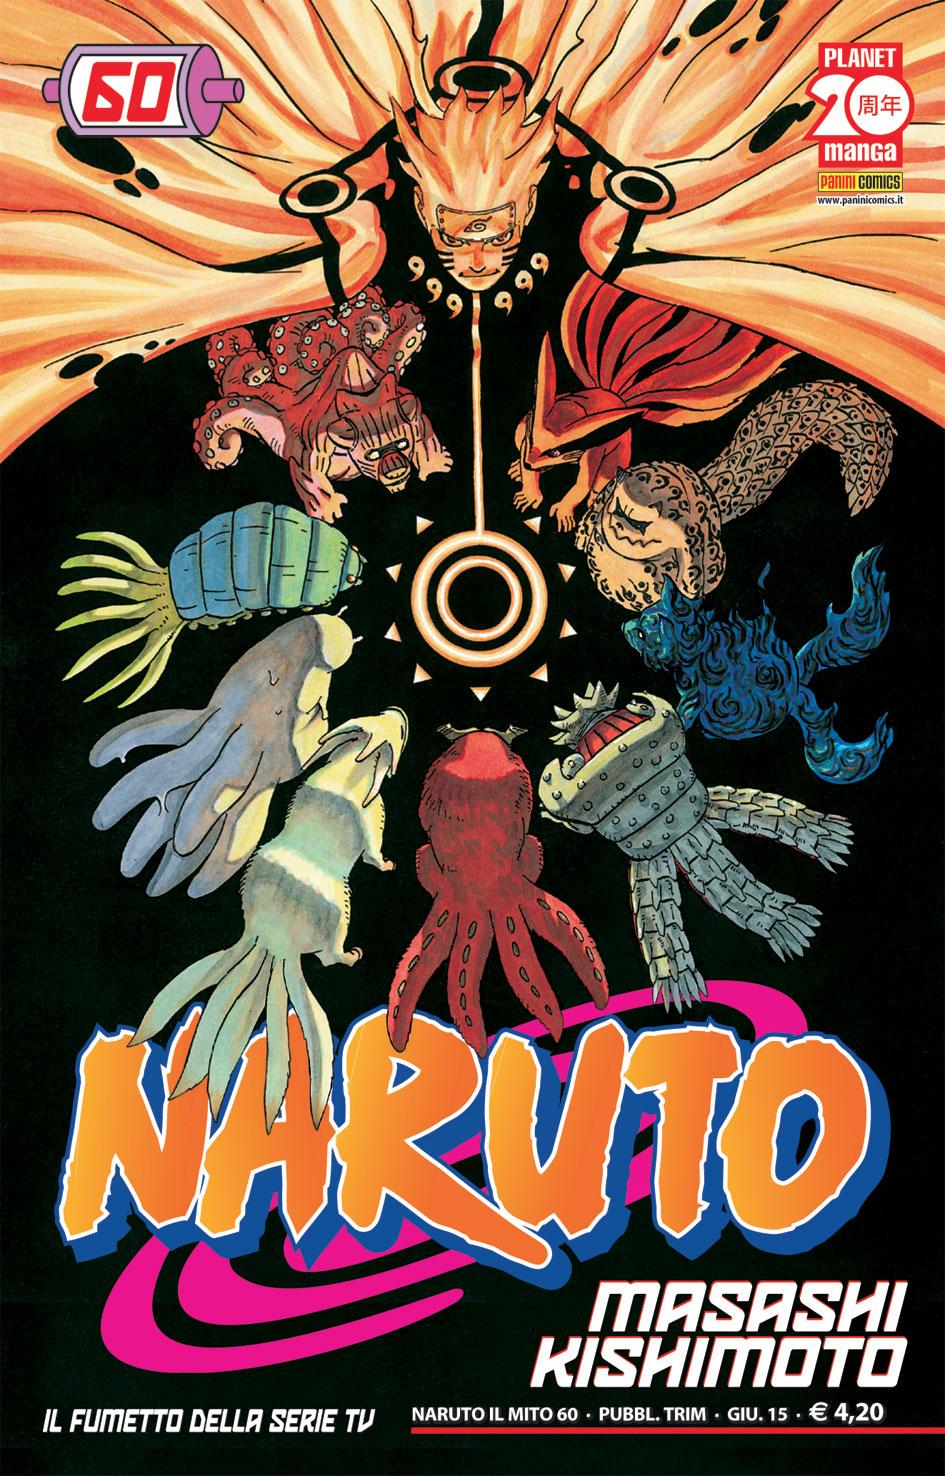 Naruto Il Mito vol. 60